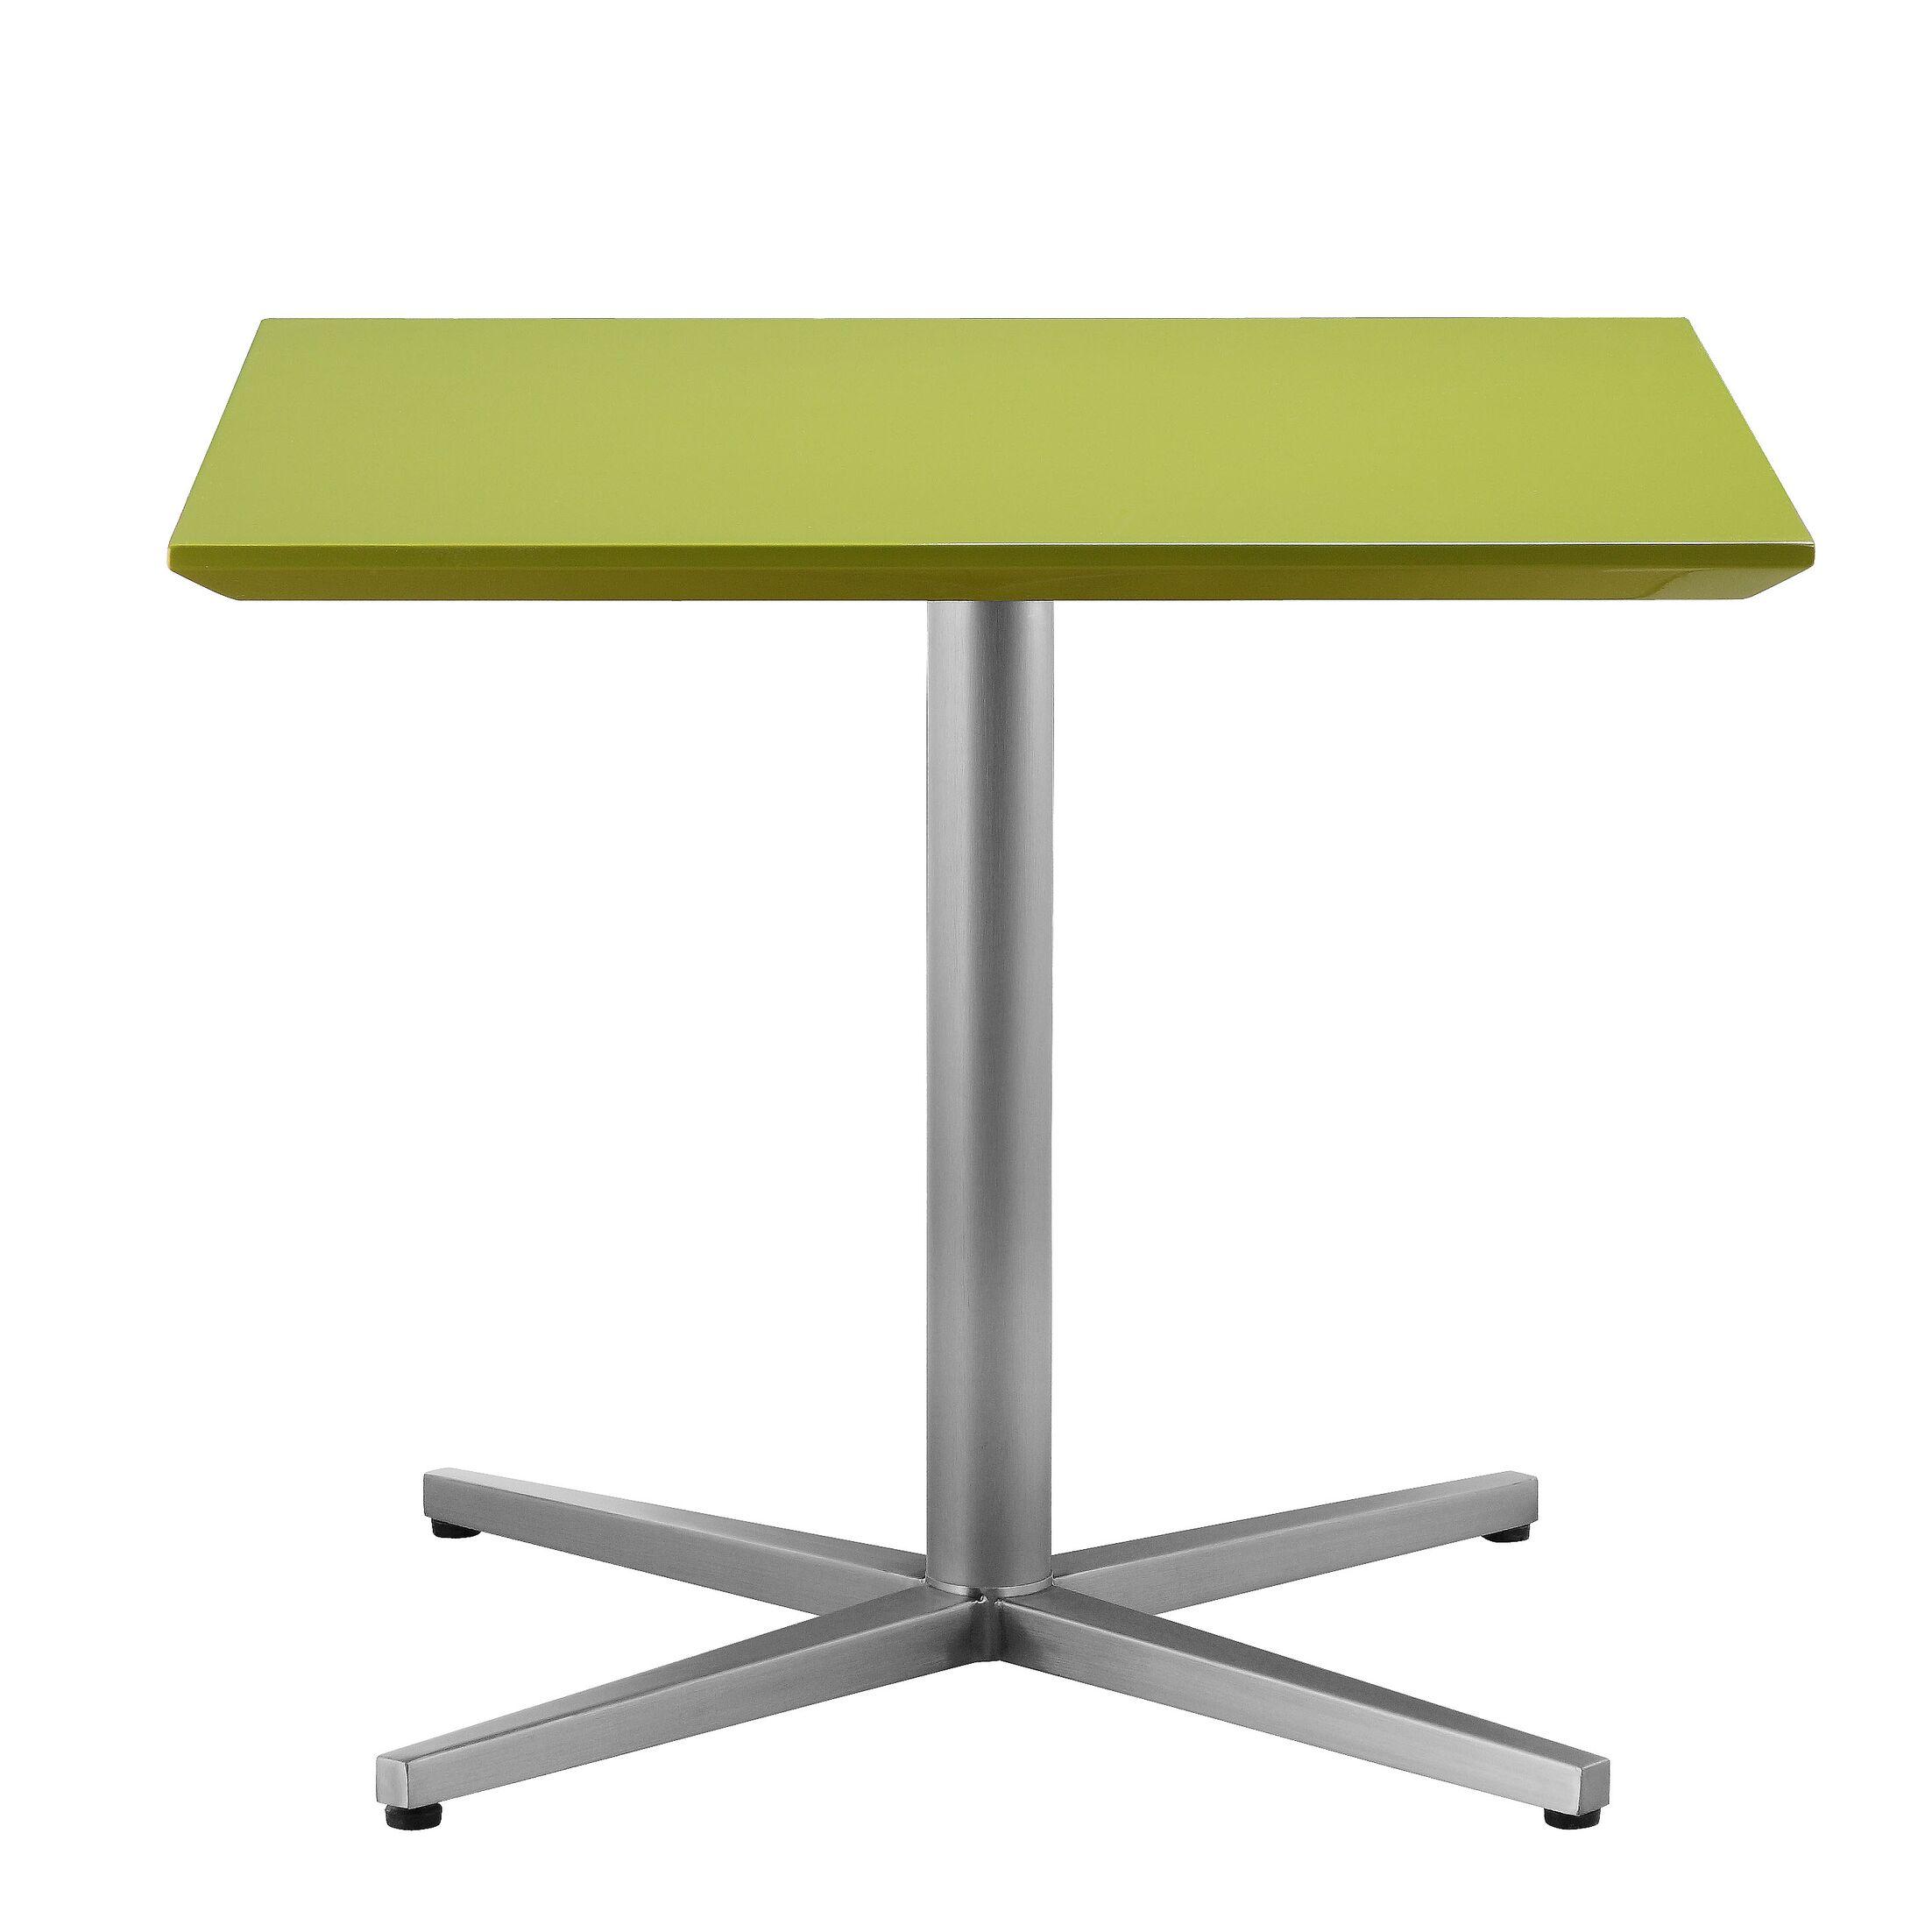 Glidden End Table Color: Green